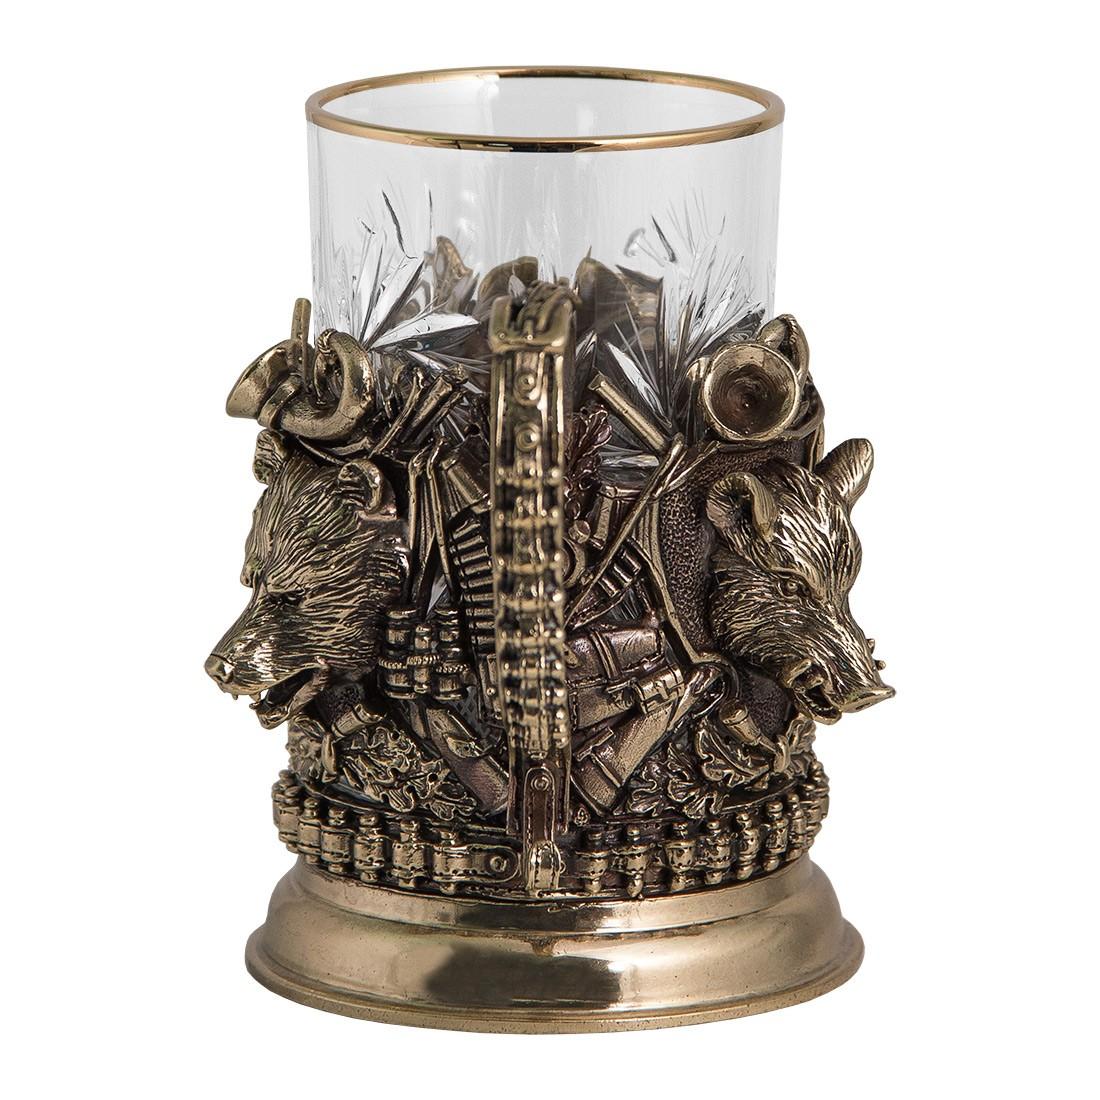 Подстаканник на тему охоты в наборе со стаканом и ложкой «Охота. Трофеи»